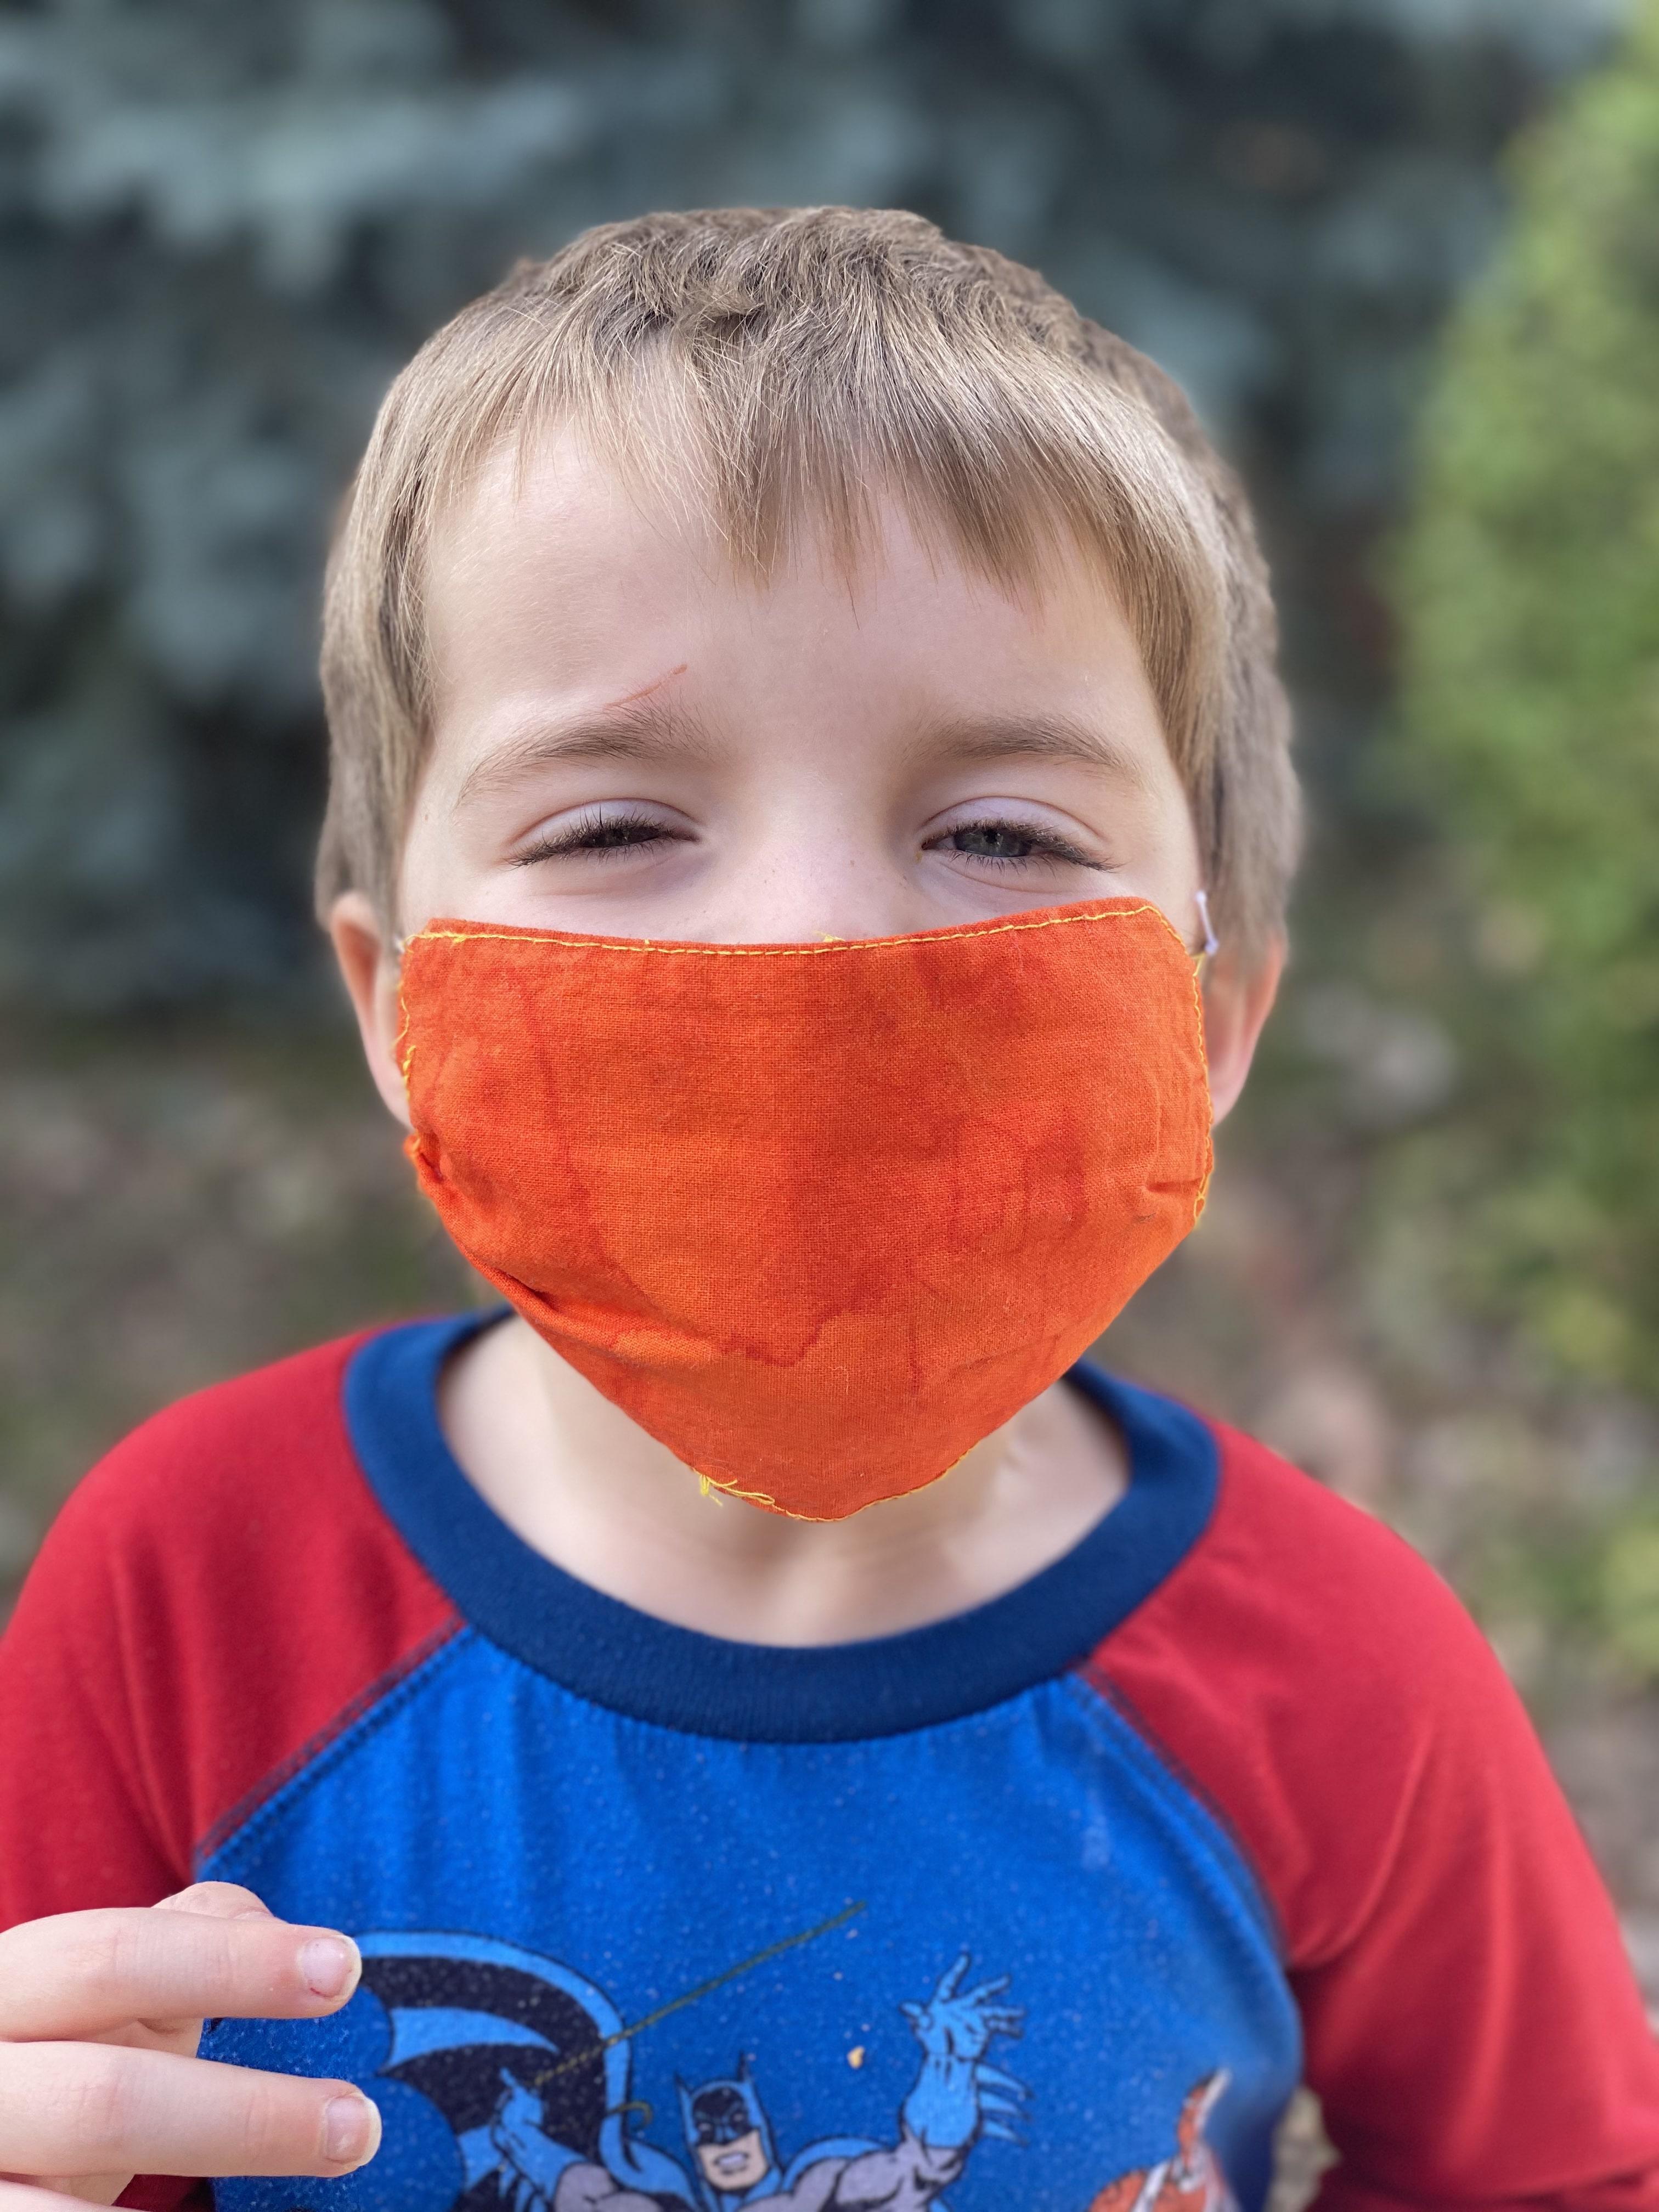 DIY Face Mask for Kids Pattern